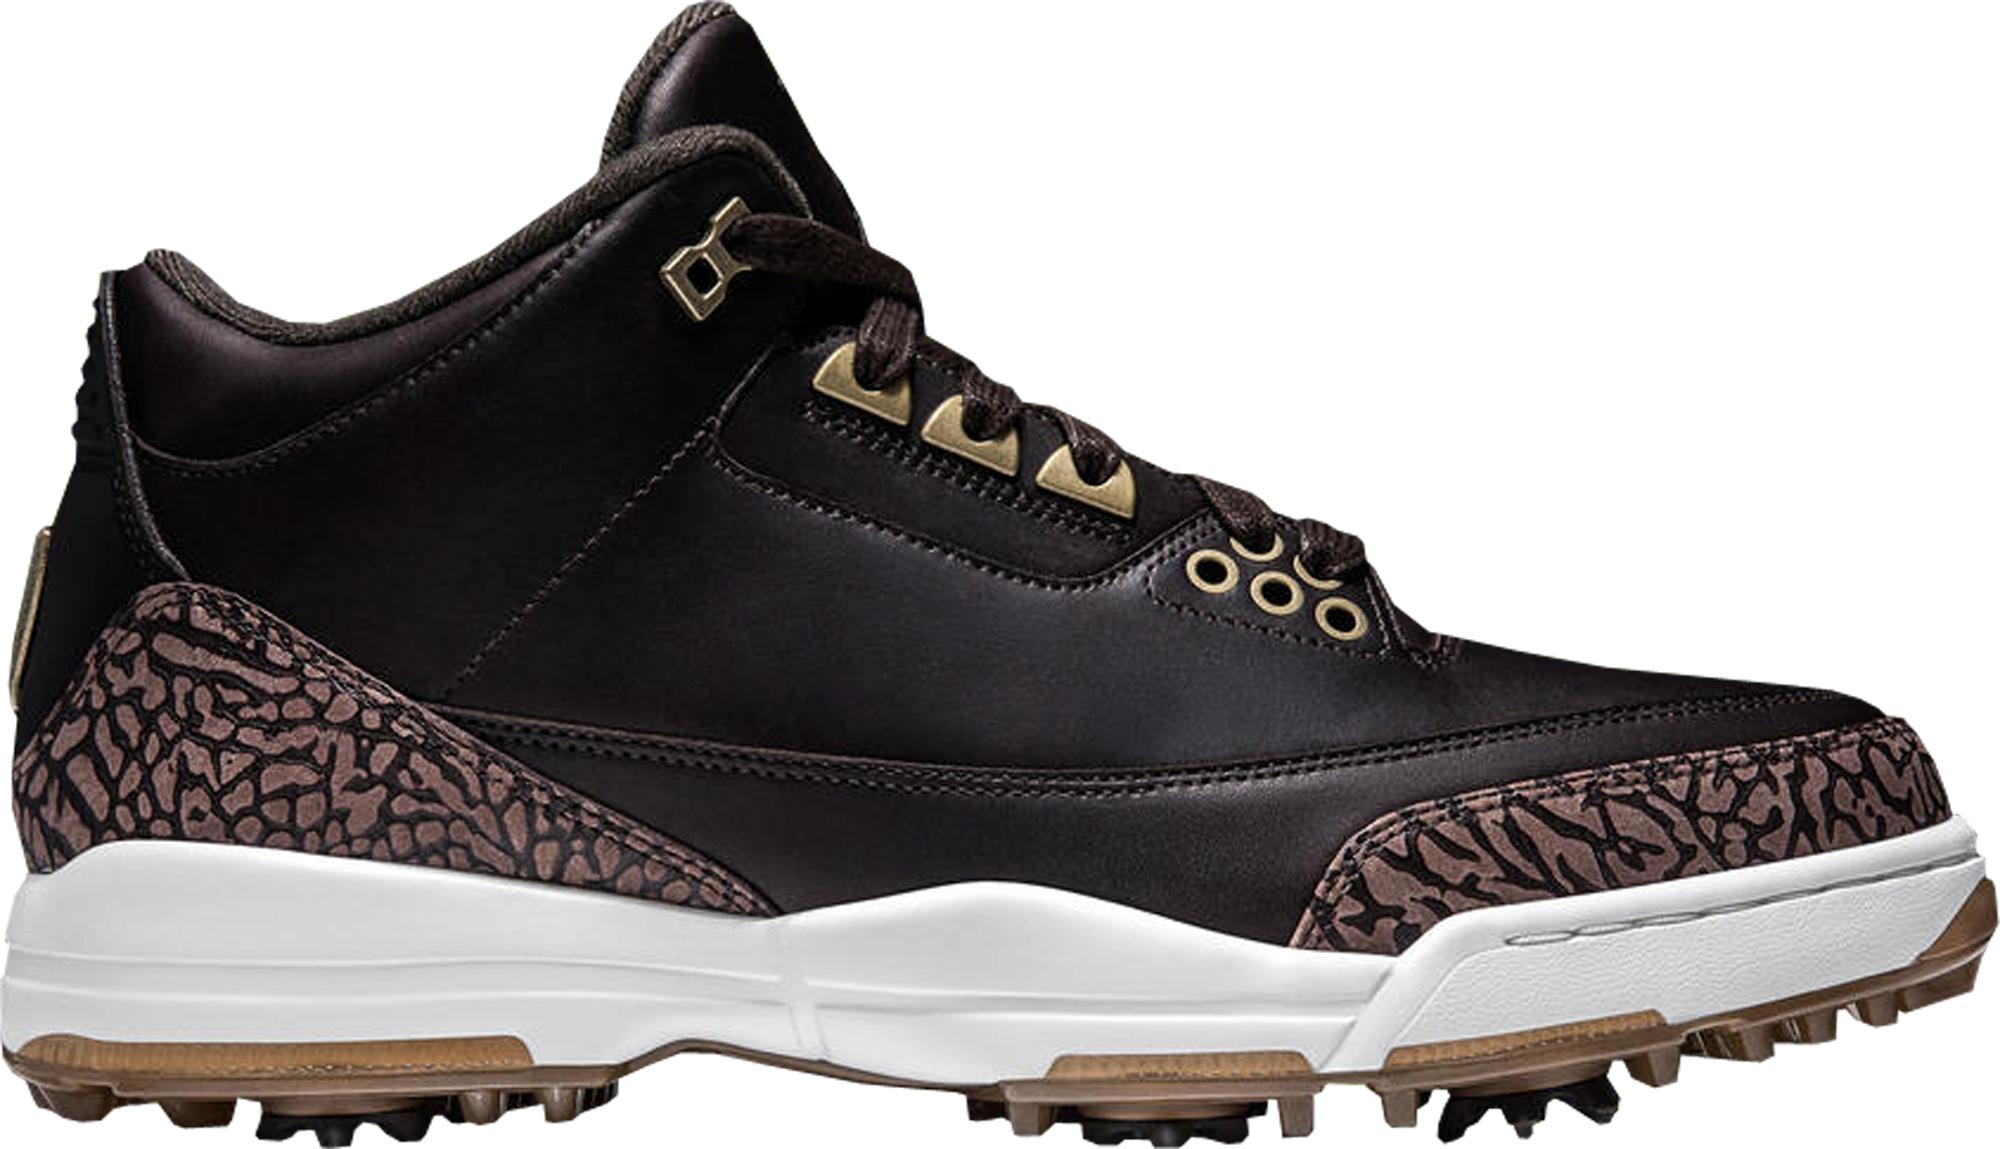 Jordan 3 Retro Golf Brown